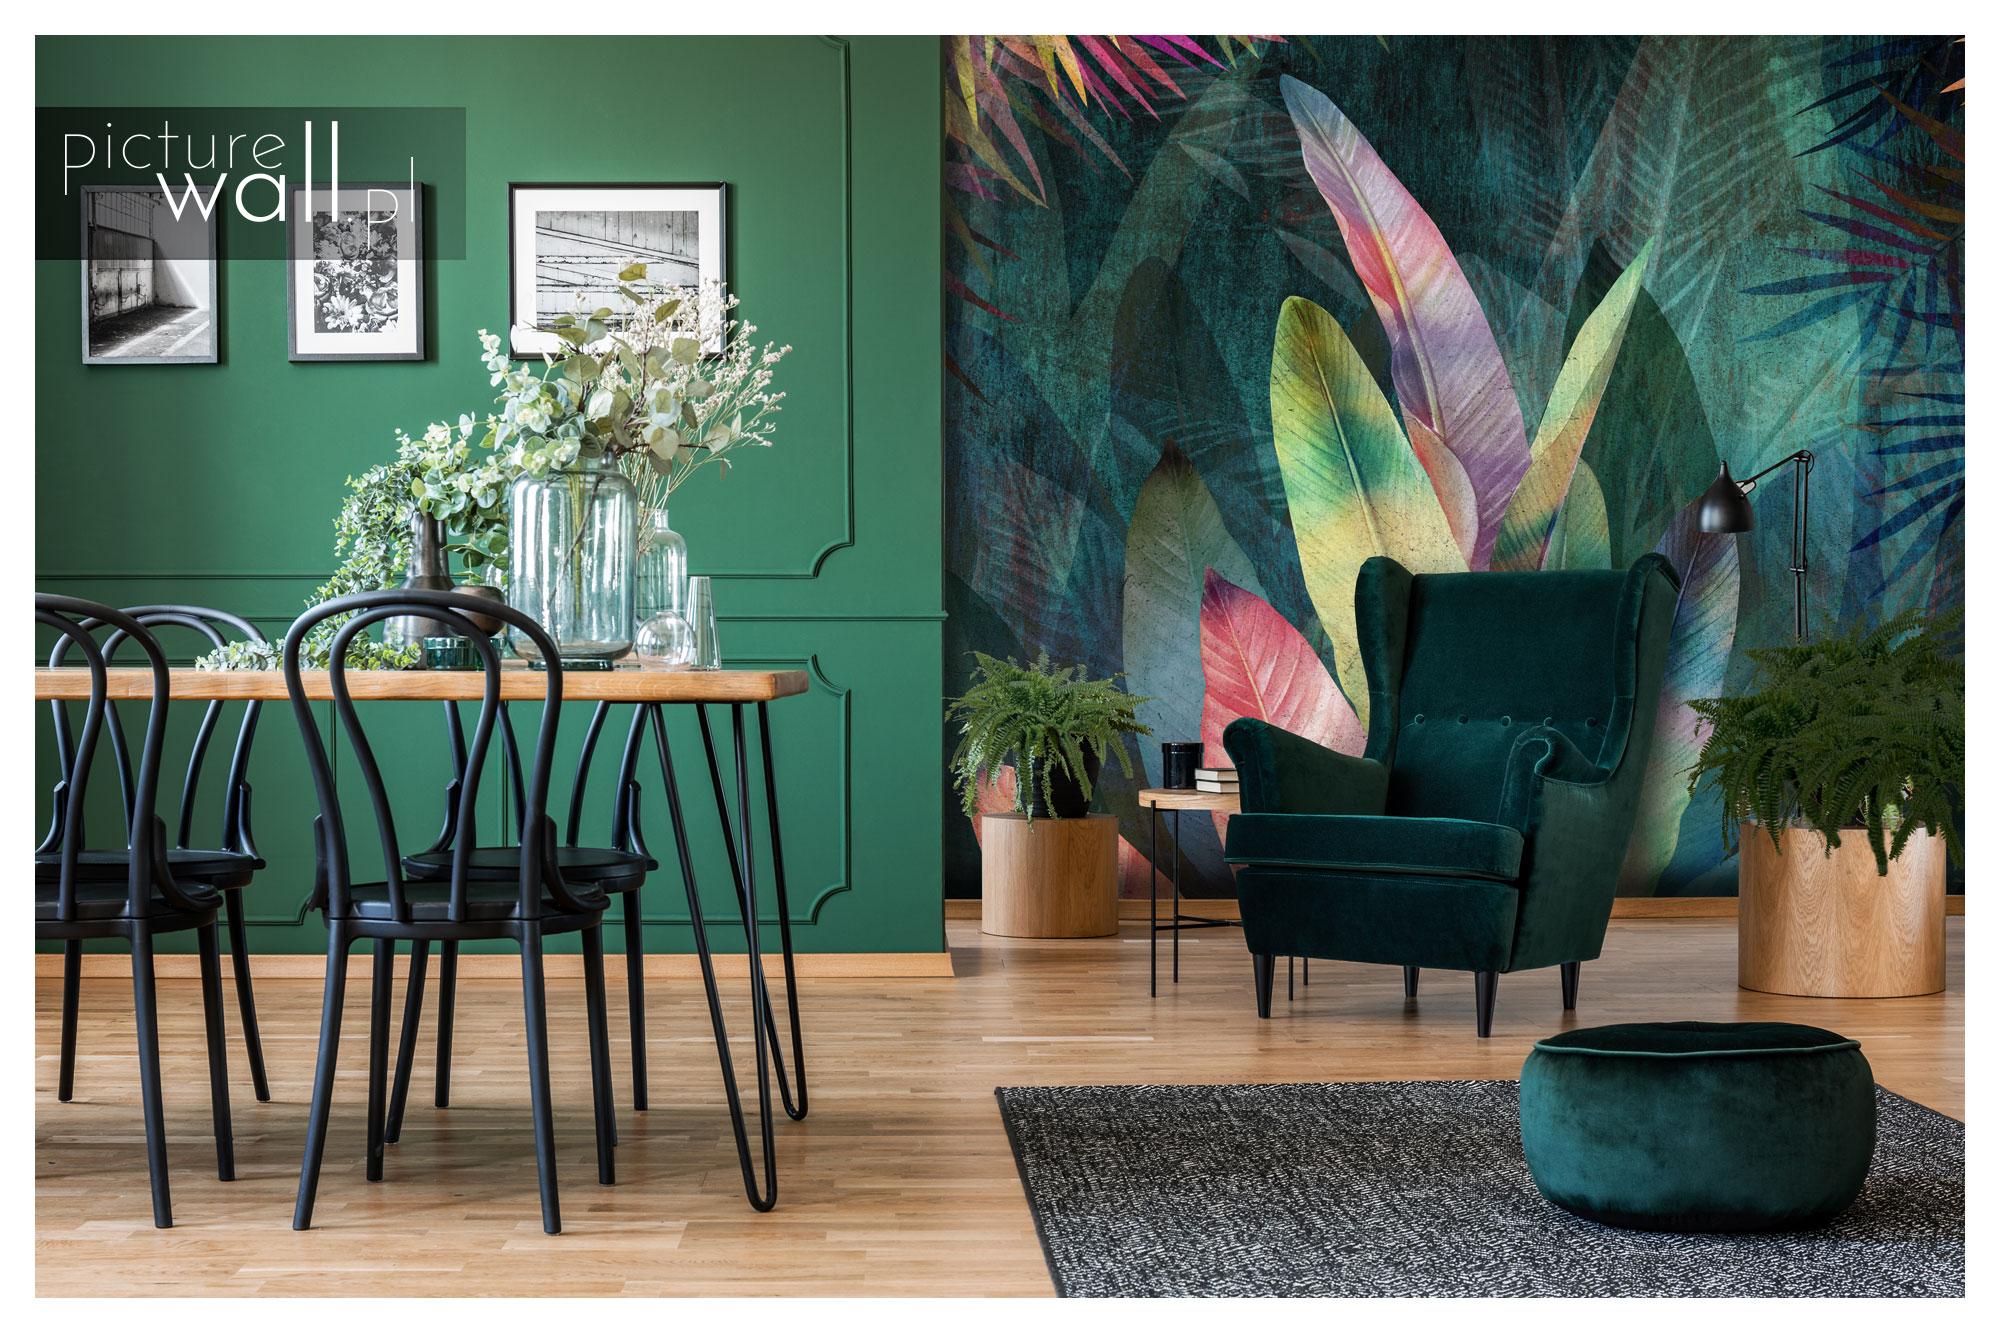 Fototapeta Kolorowe Liście Wersja Druga - efektowne powiększenie salonu